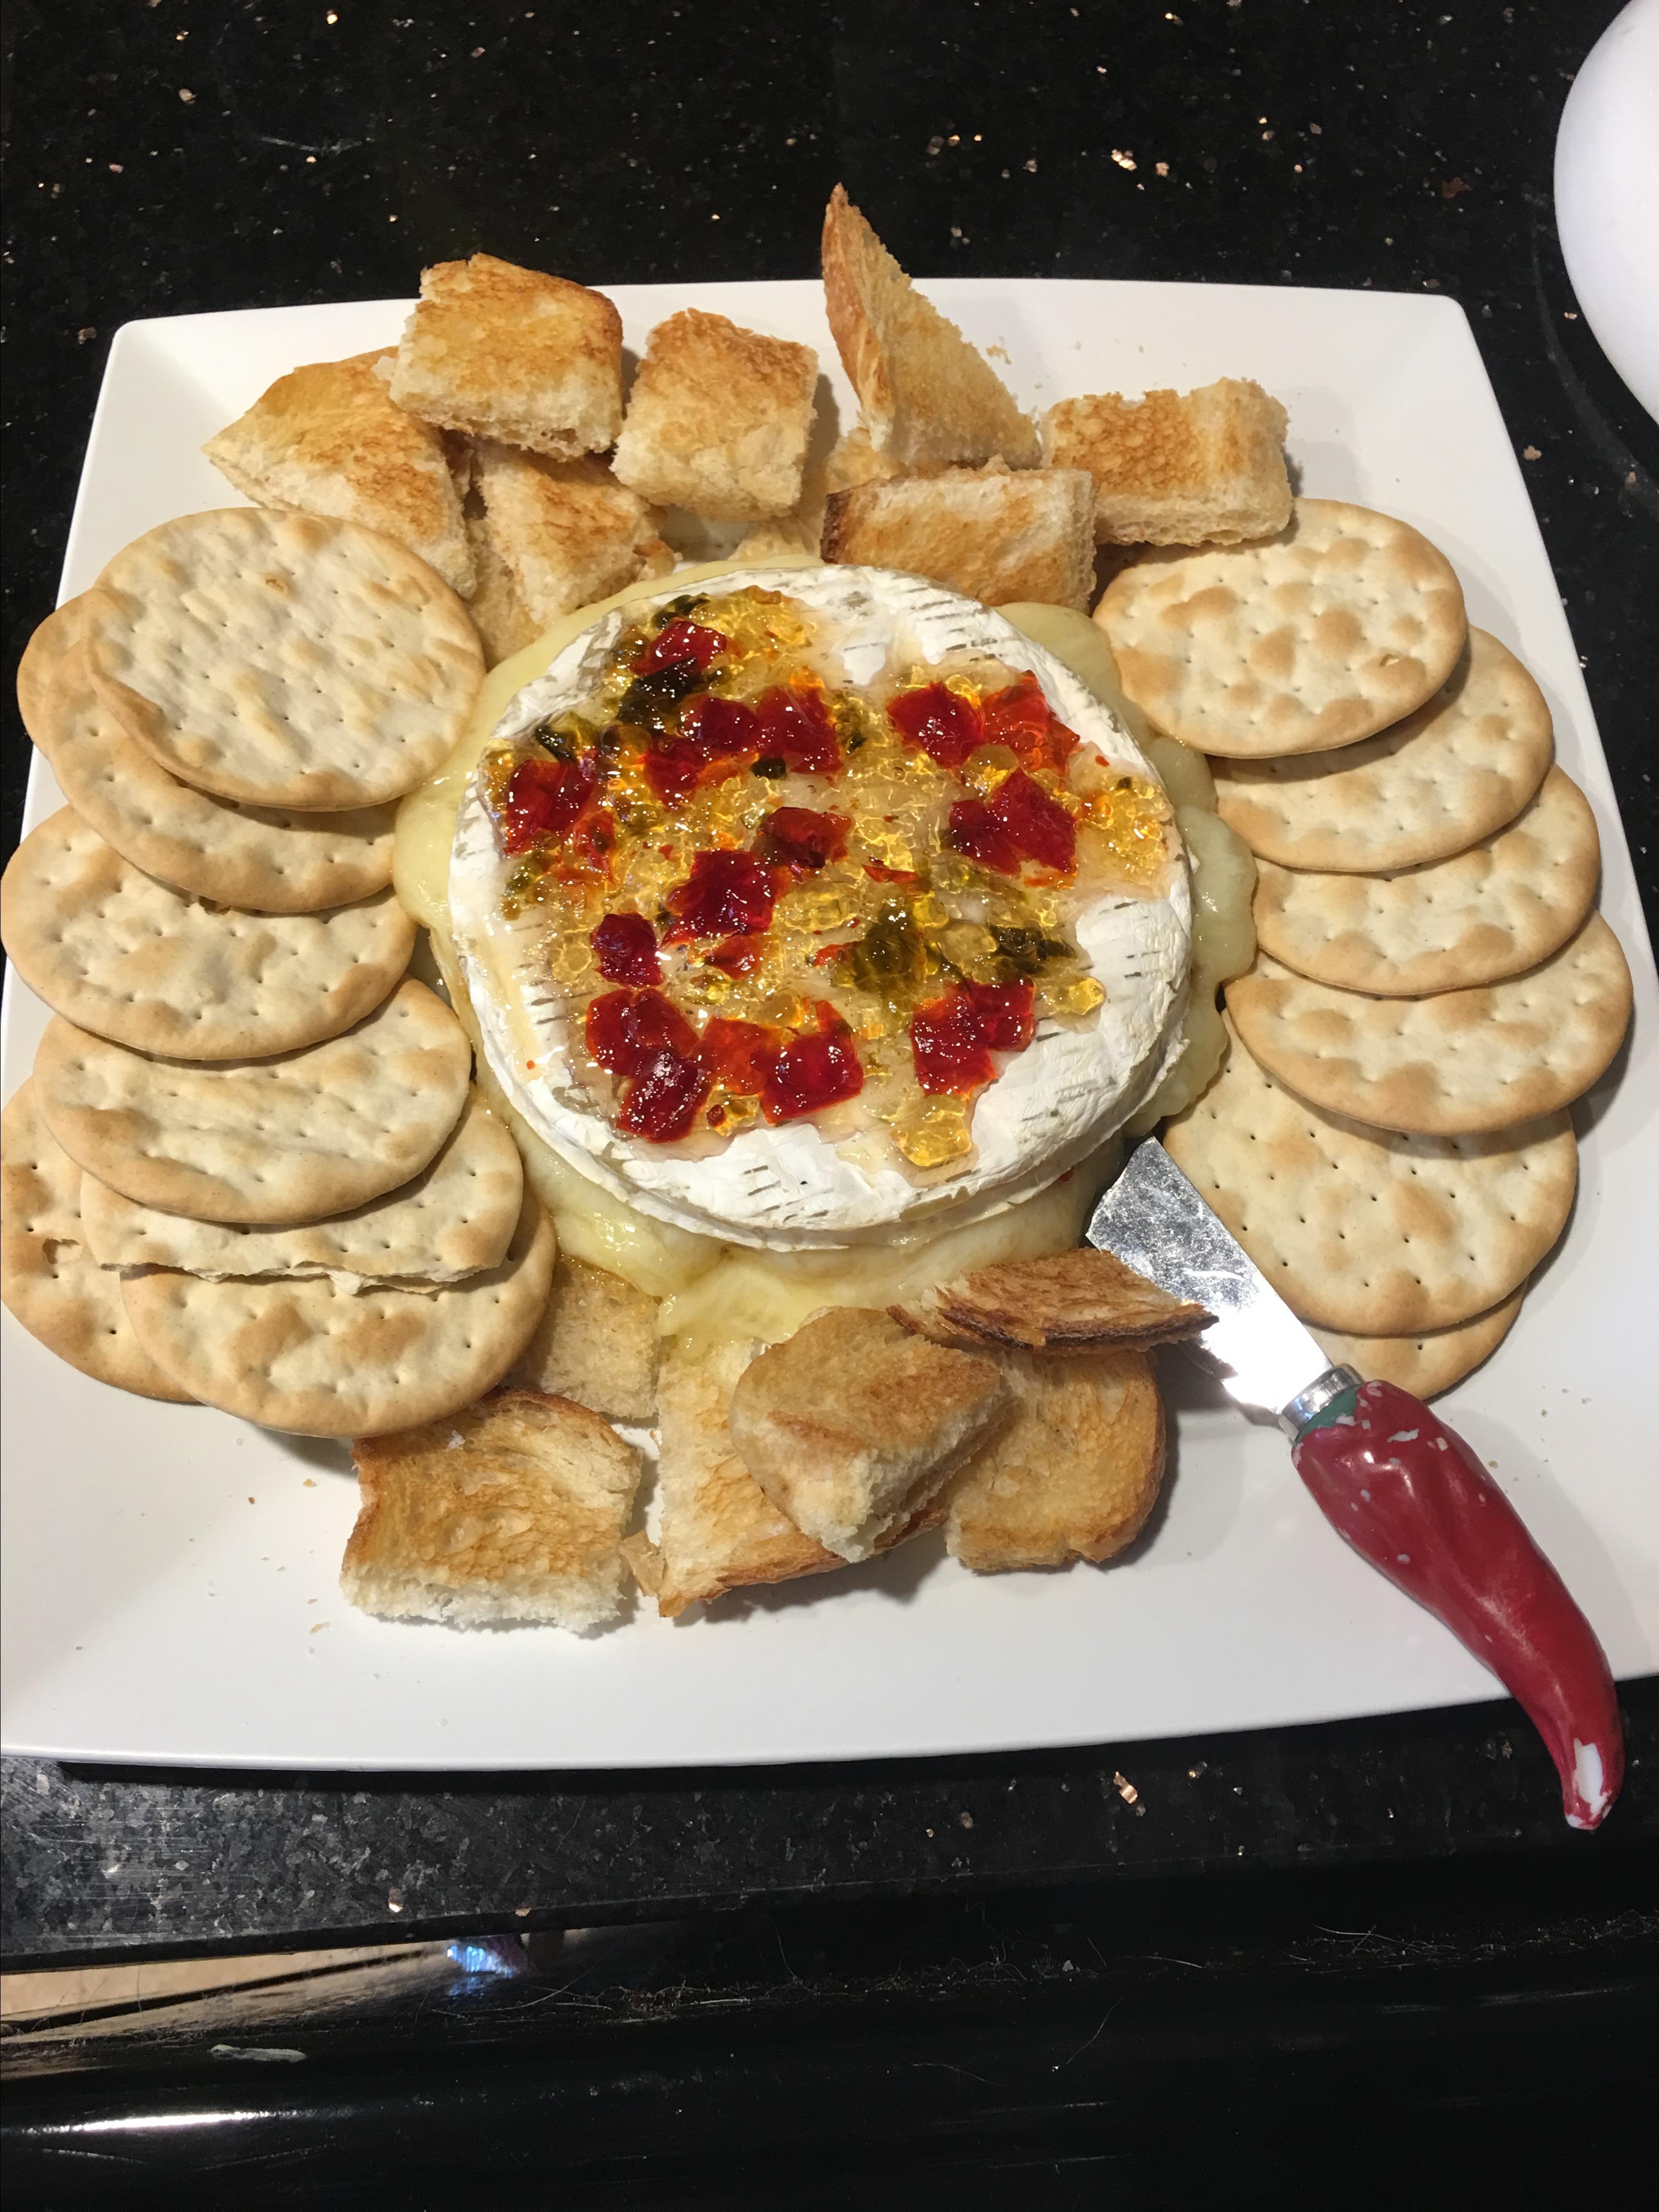 Garlicky Baked Brie Pepper Lane